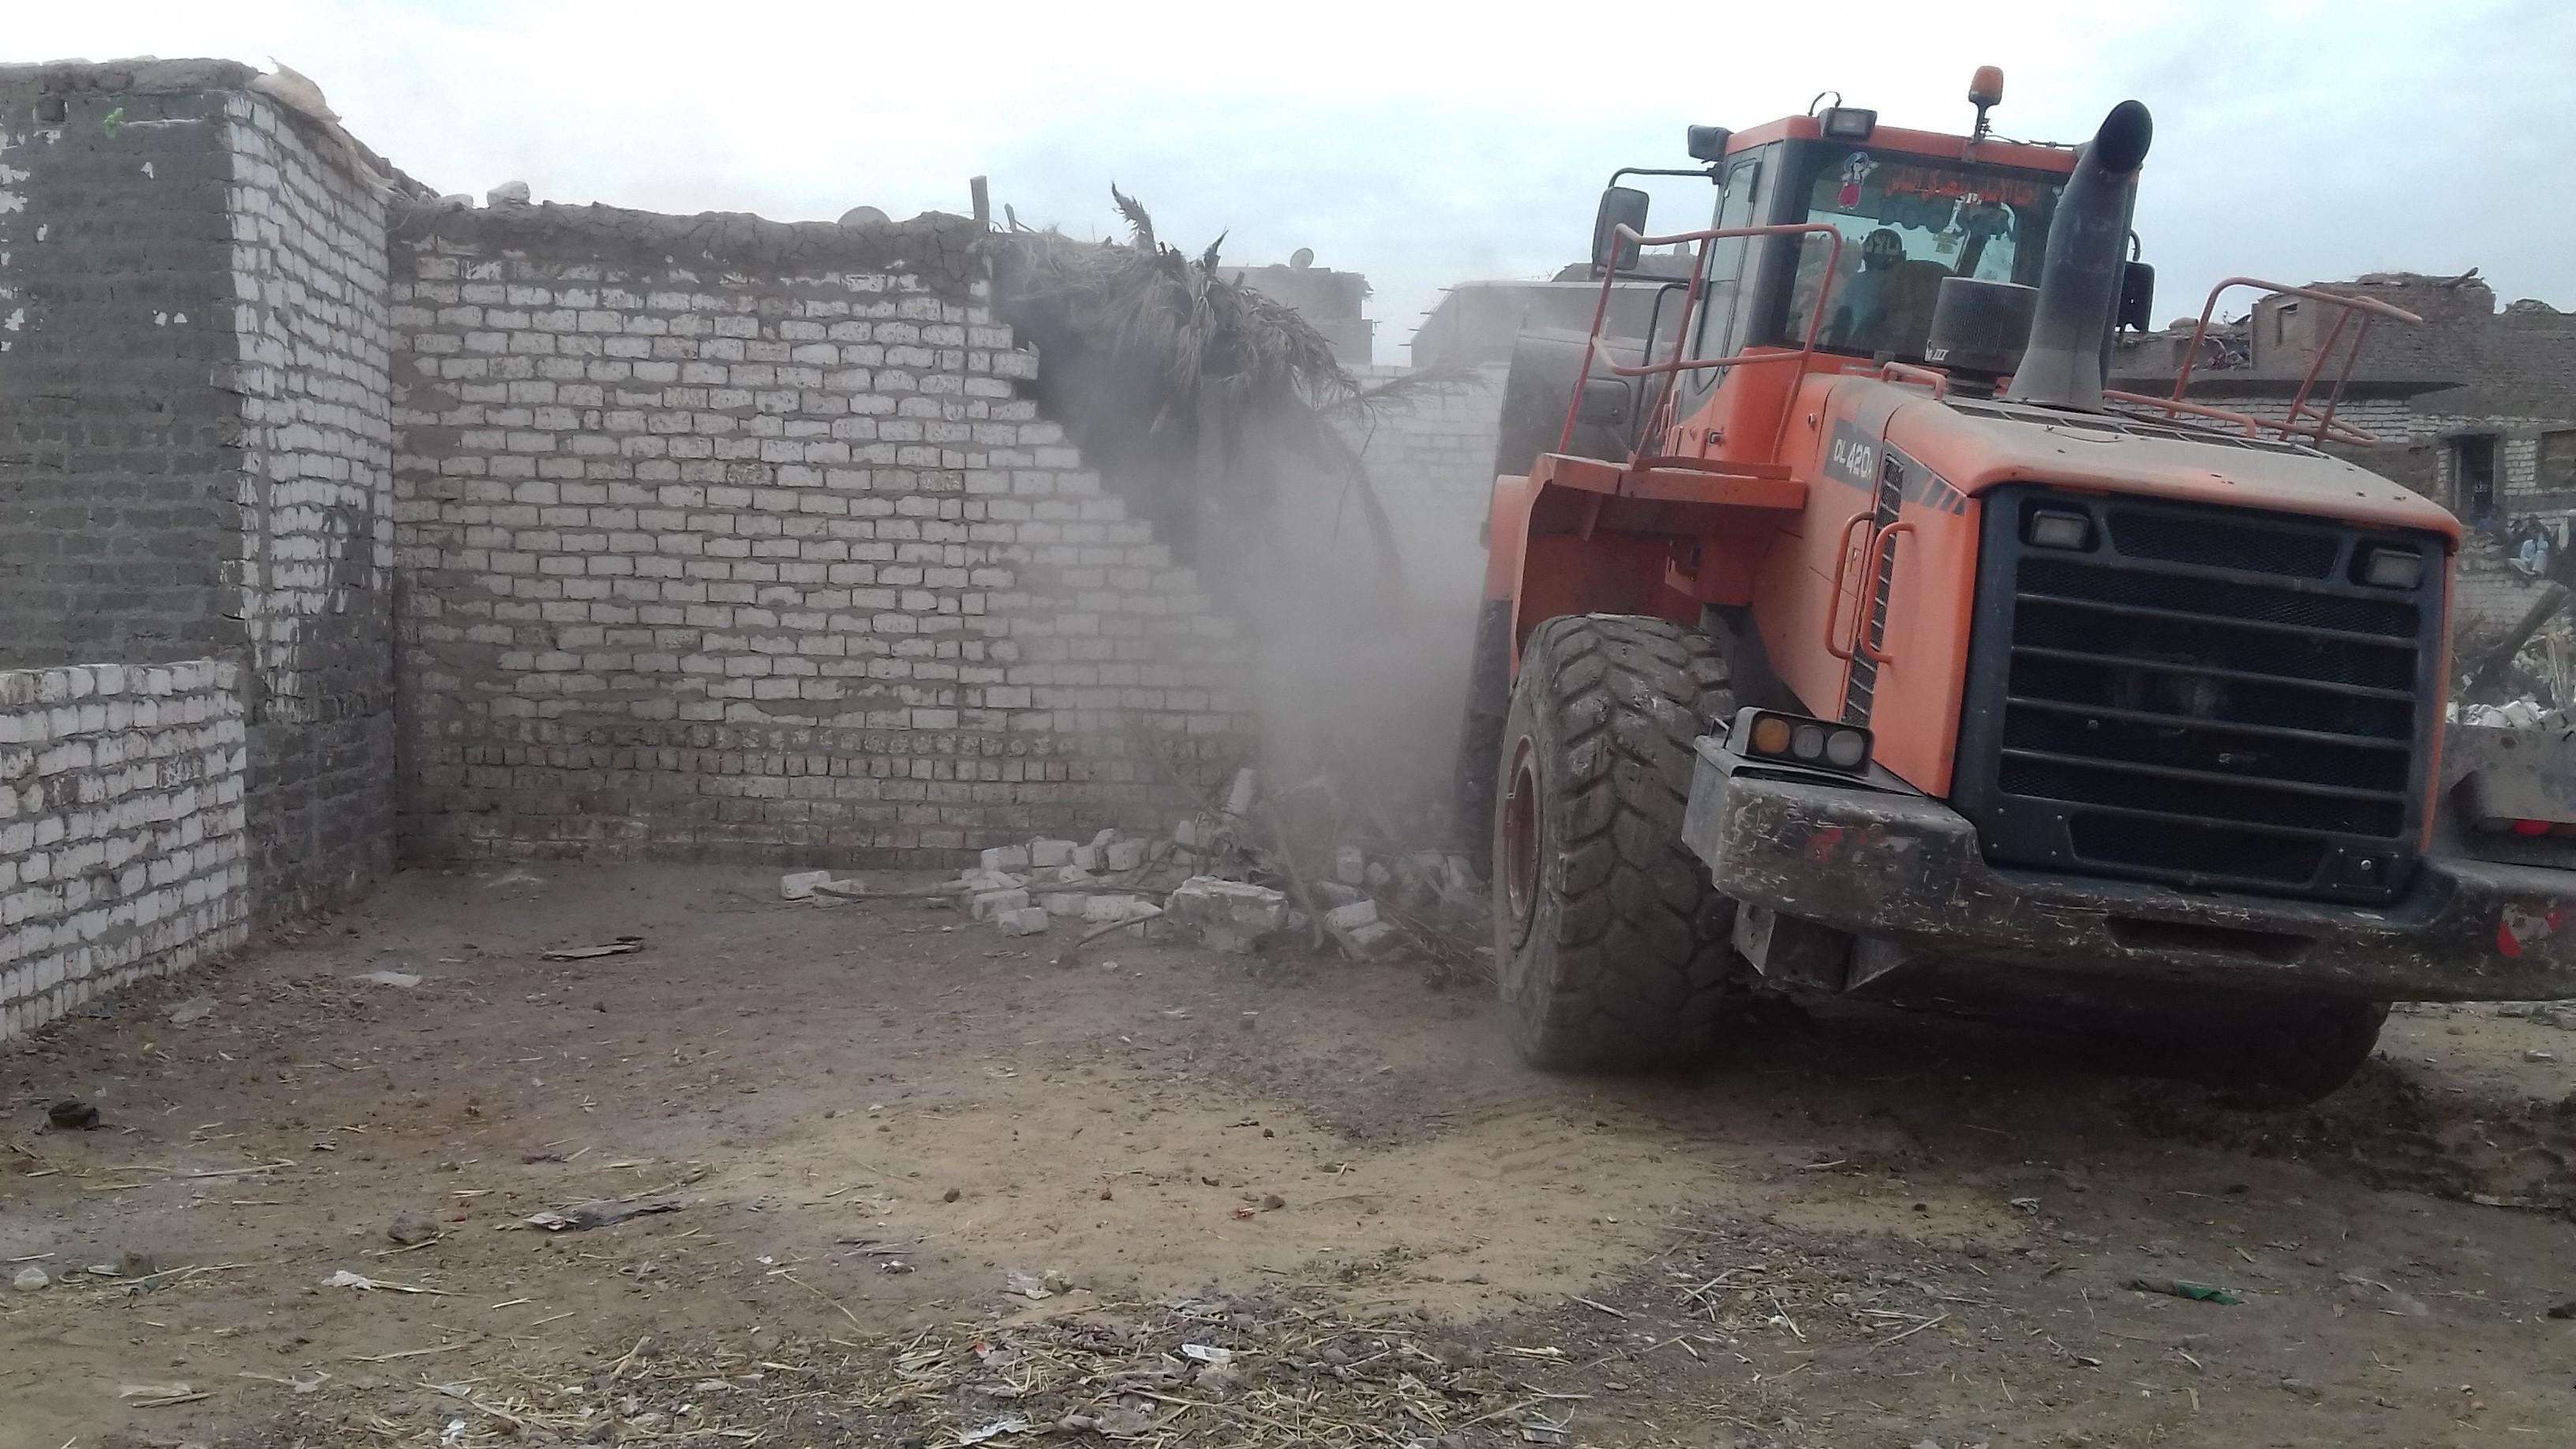 ازالة 27 حالة تعدى على مجرى نهر النيل بمركز بملوي بالمنيا  (5)